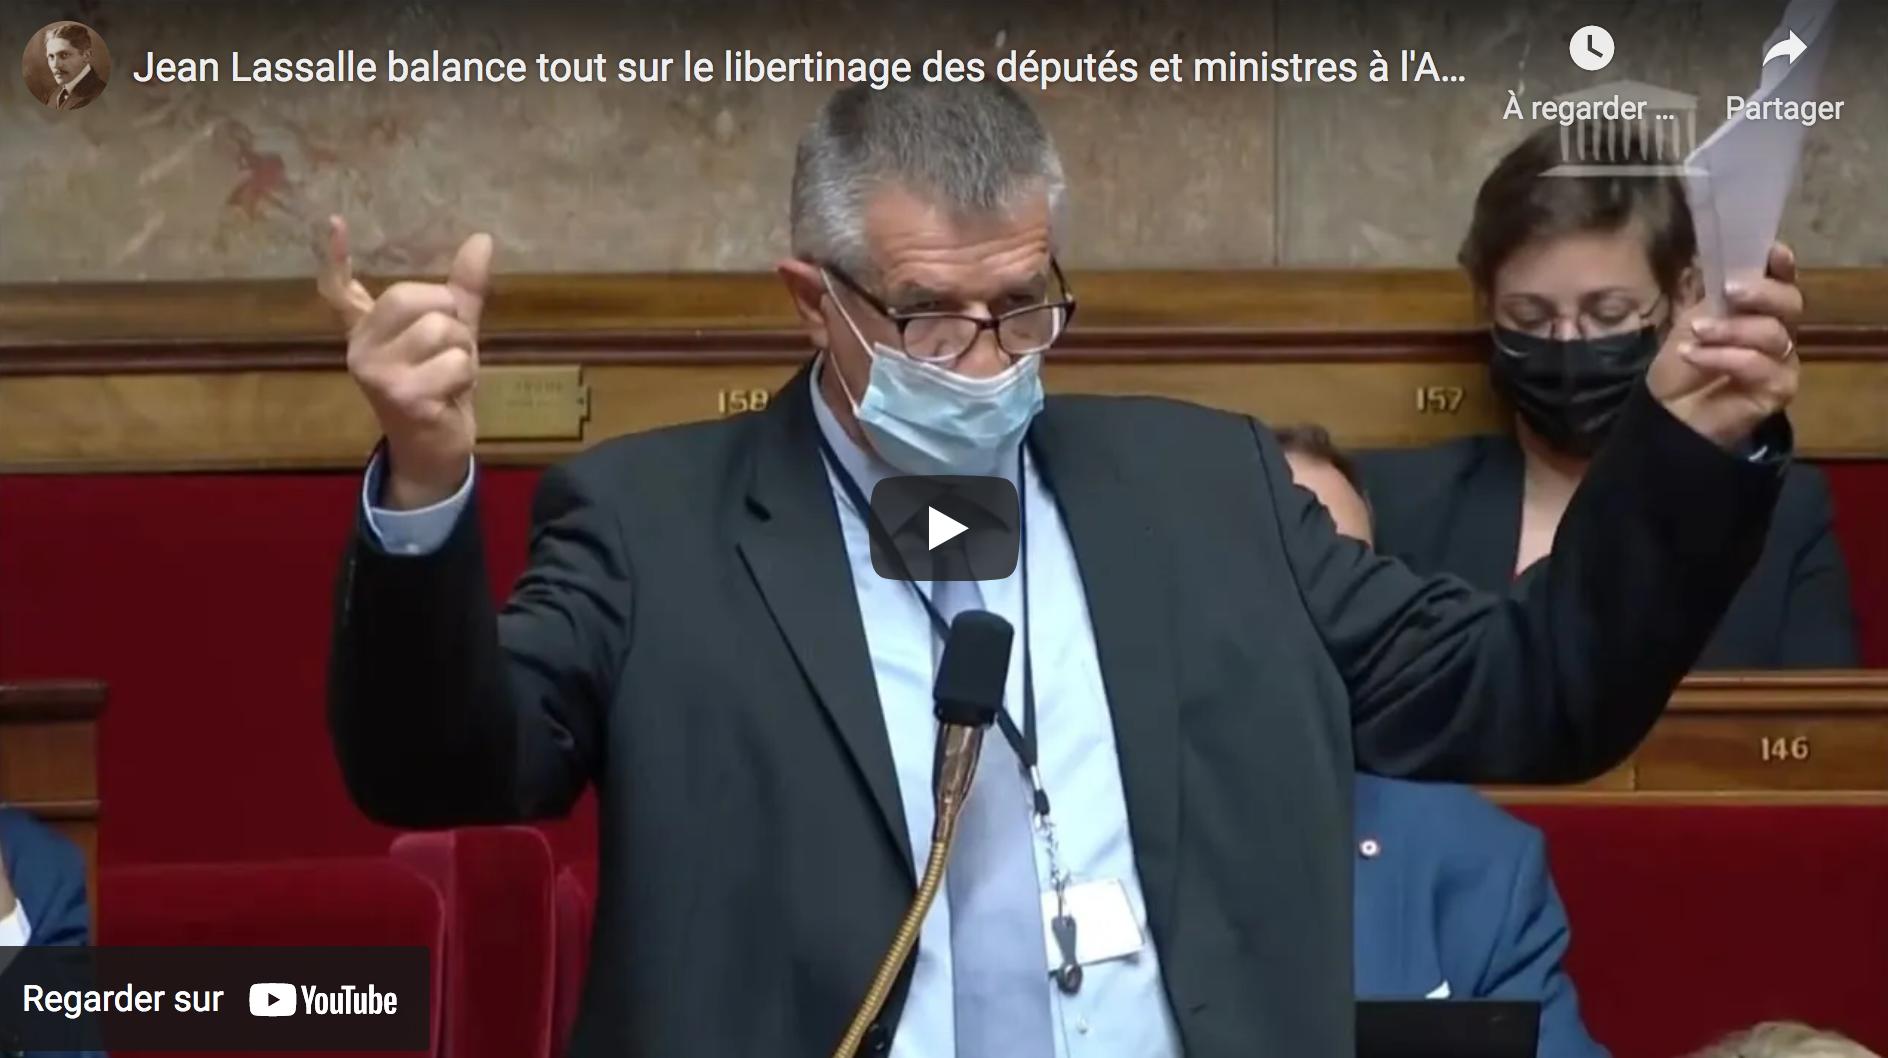 Jean Lassalle balance sur le libertinage des députés et ministres à l'Assemblée nationale (VIDÉO)